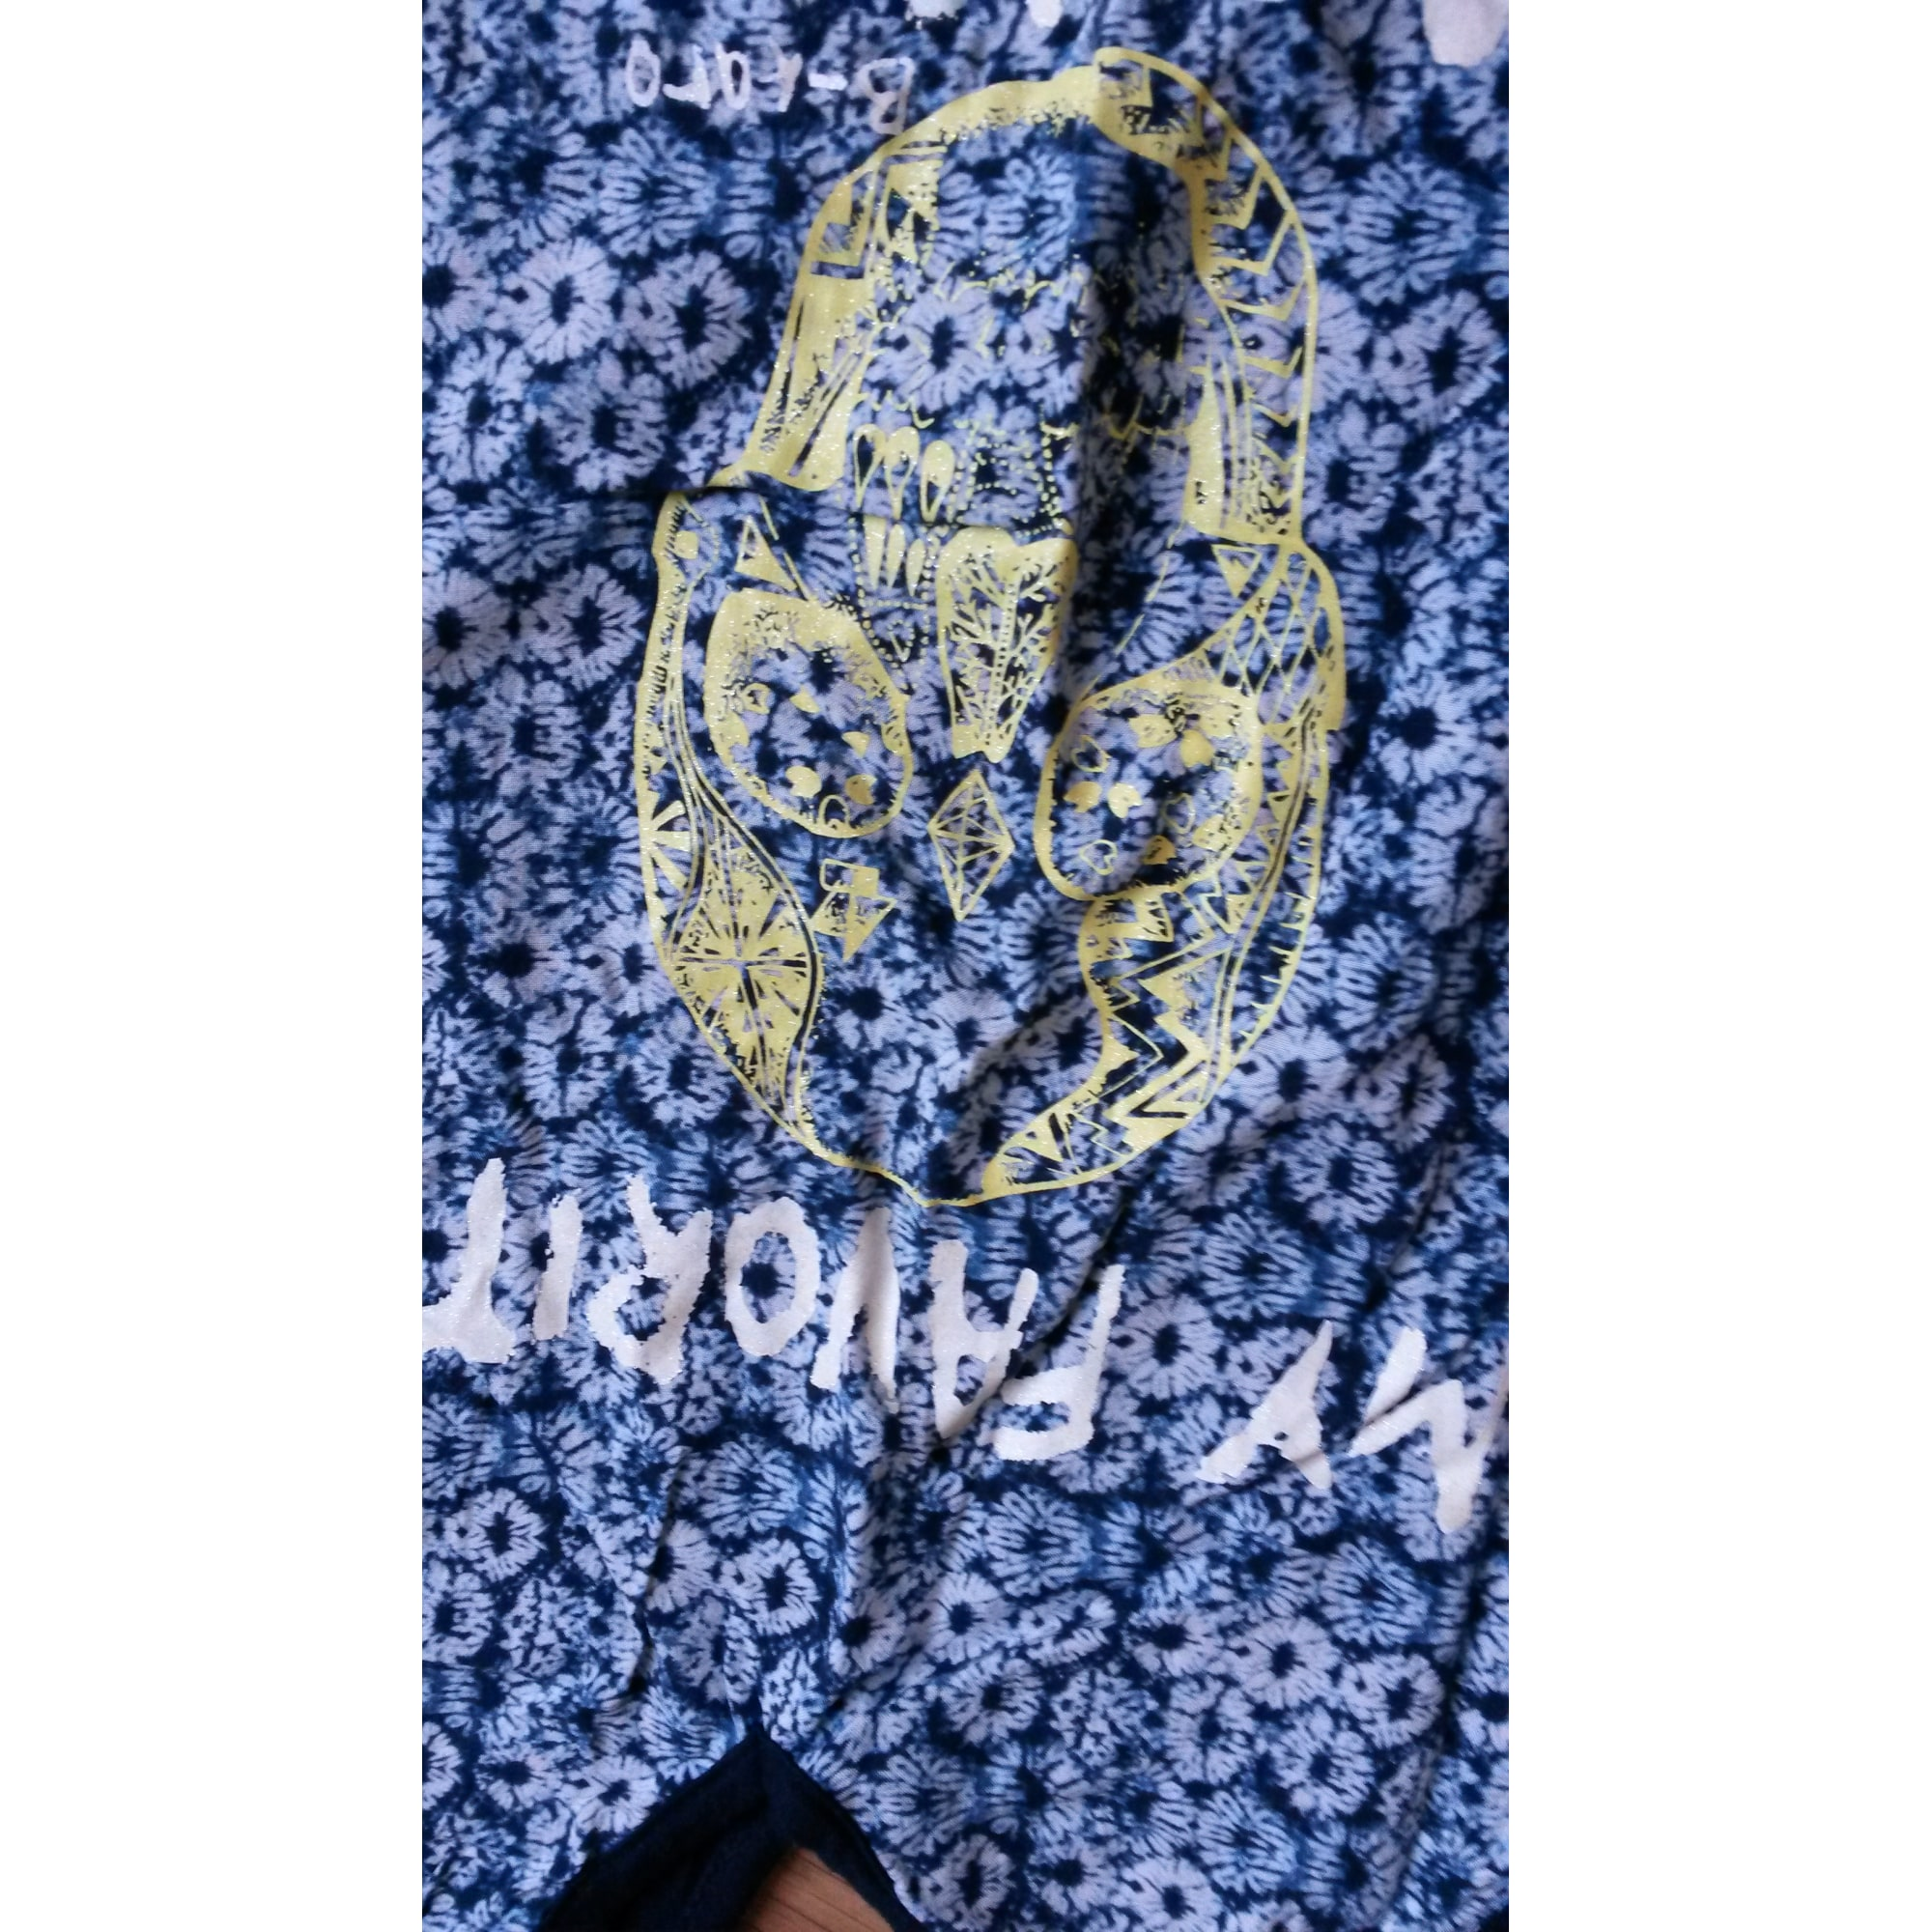 Top, Tee-shirt B-KARO Bleu, bleu marine, bleu turquoise